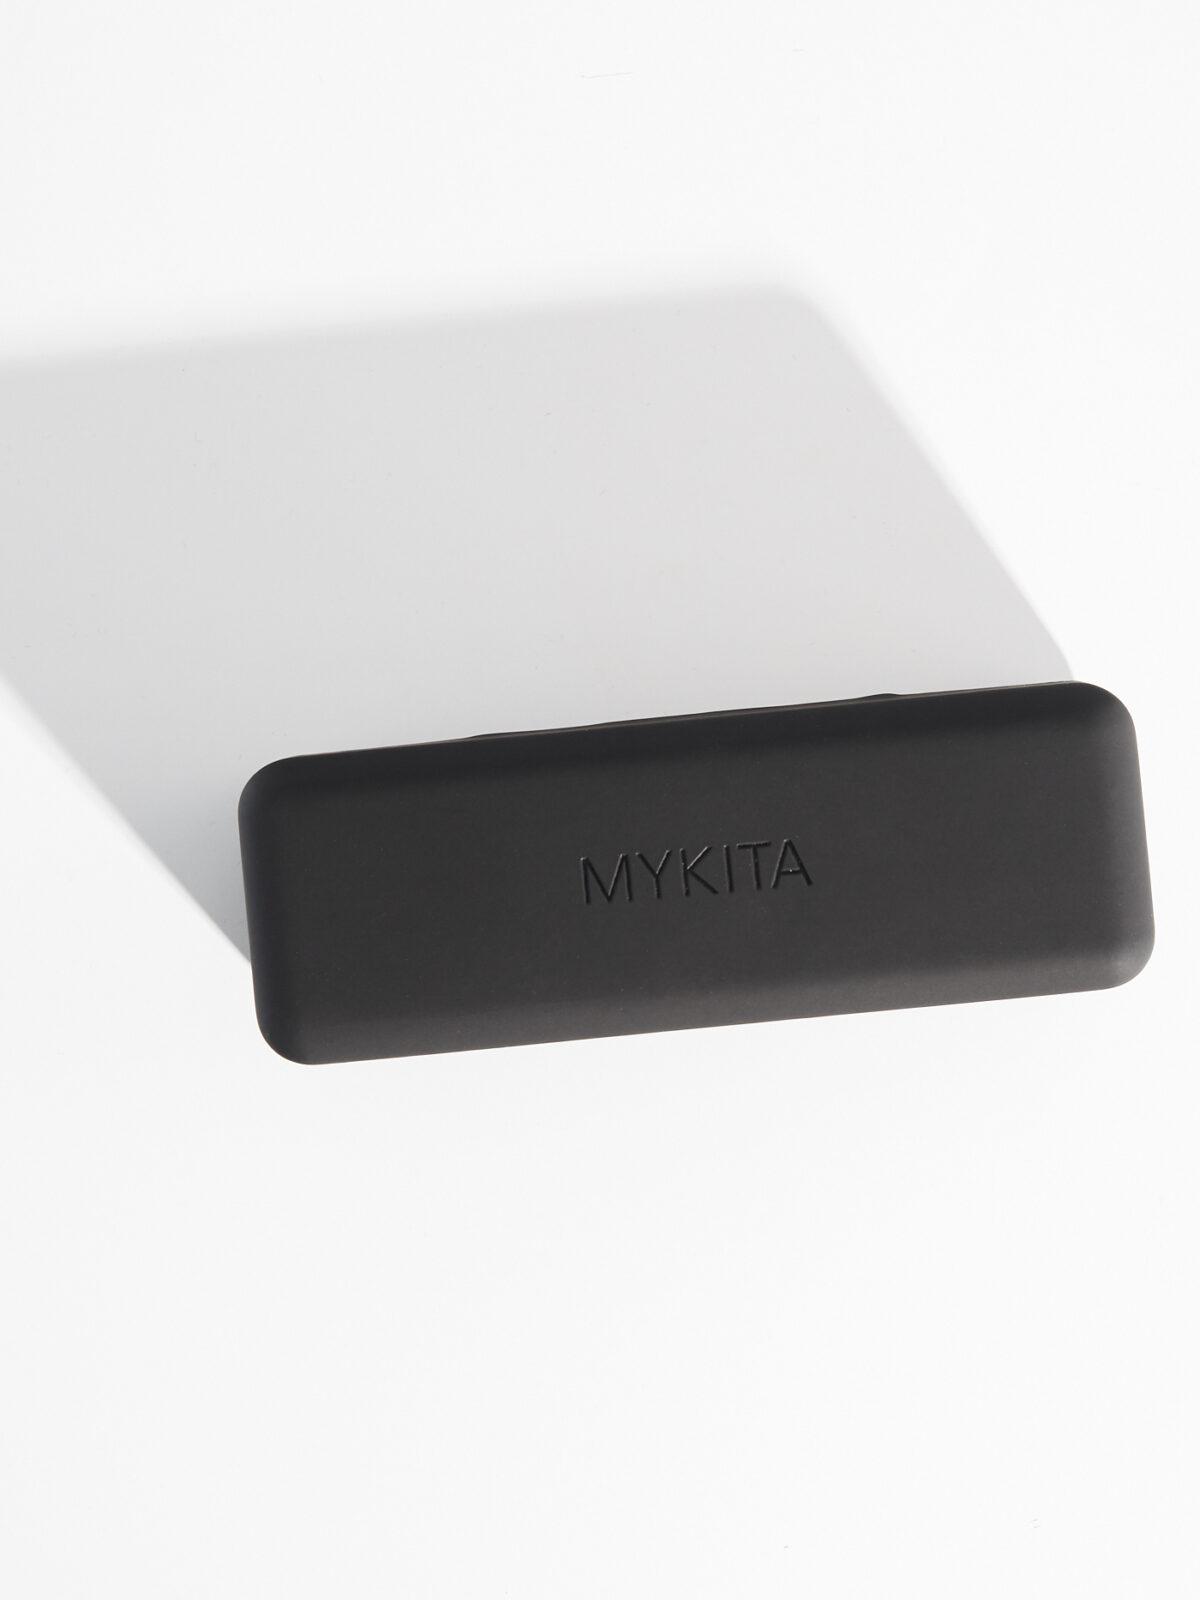 mykita case 6